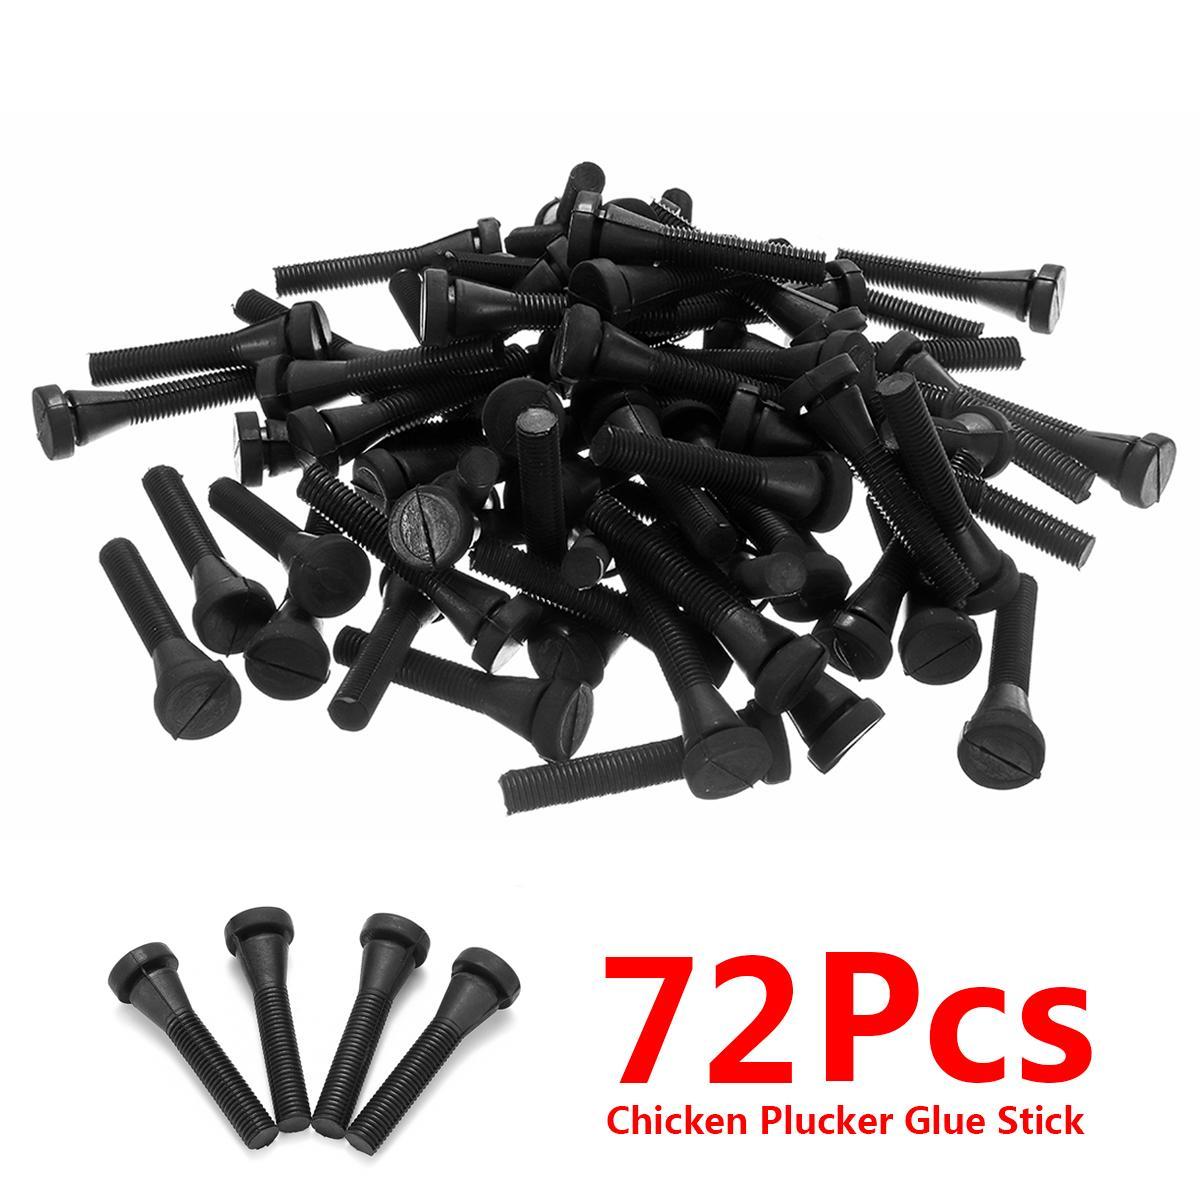 72Pcs Chicken Plucker Picker Poultry Fingers Duck Goose Hen Heavy Duty  Plucking